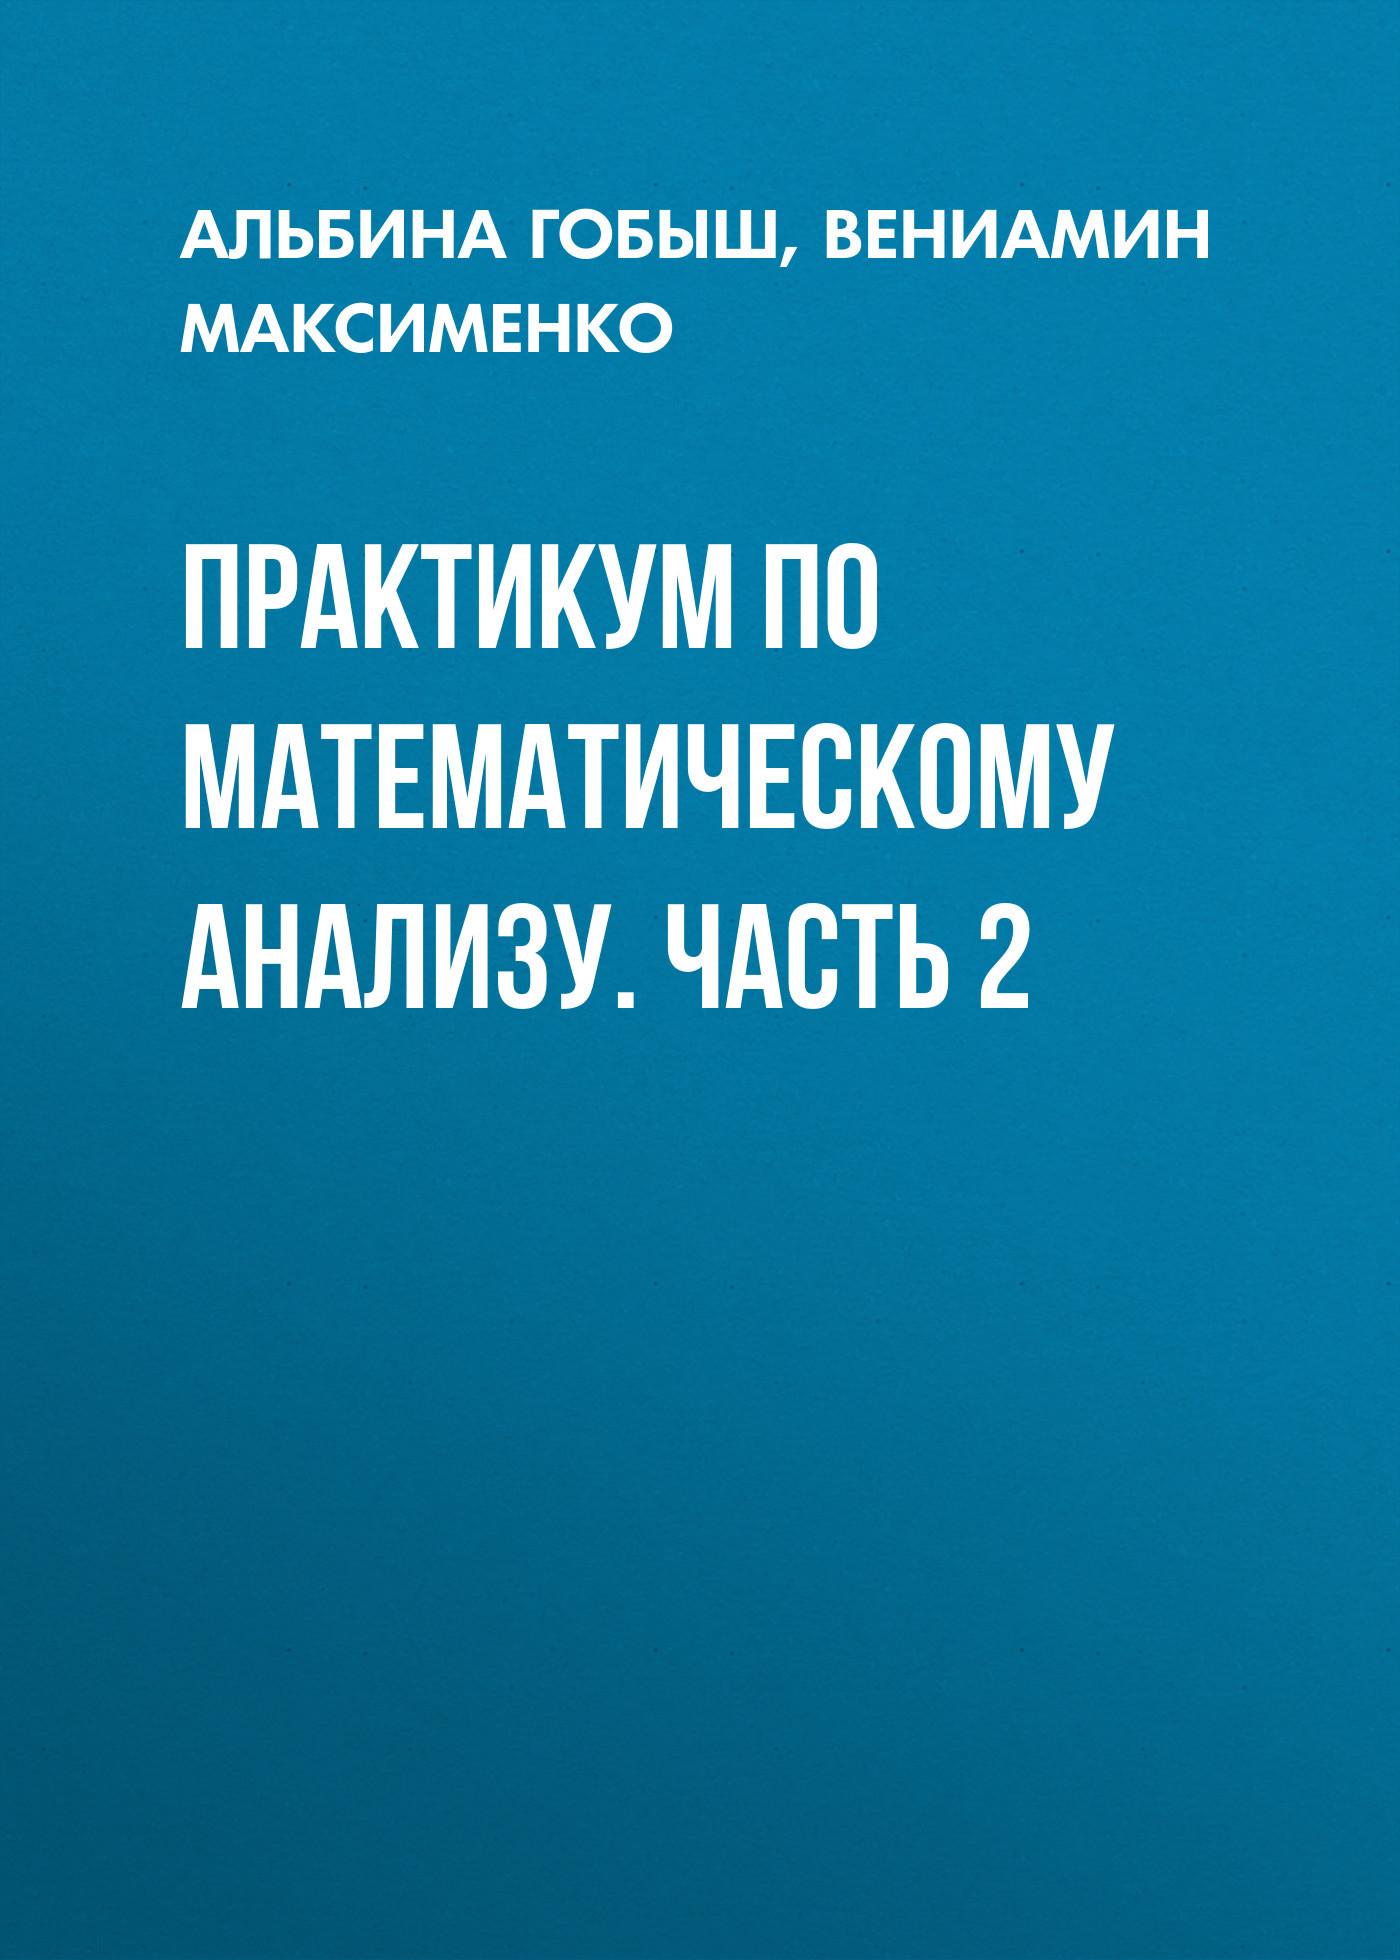 Вениамин Максименко Практикум по математическому анализу. Часть 2